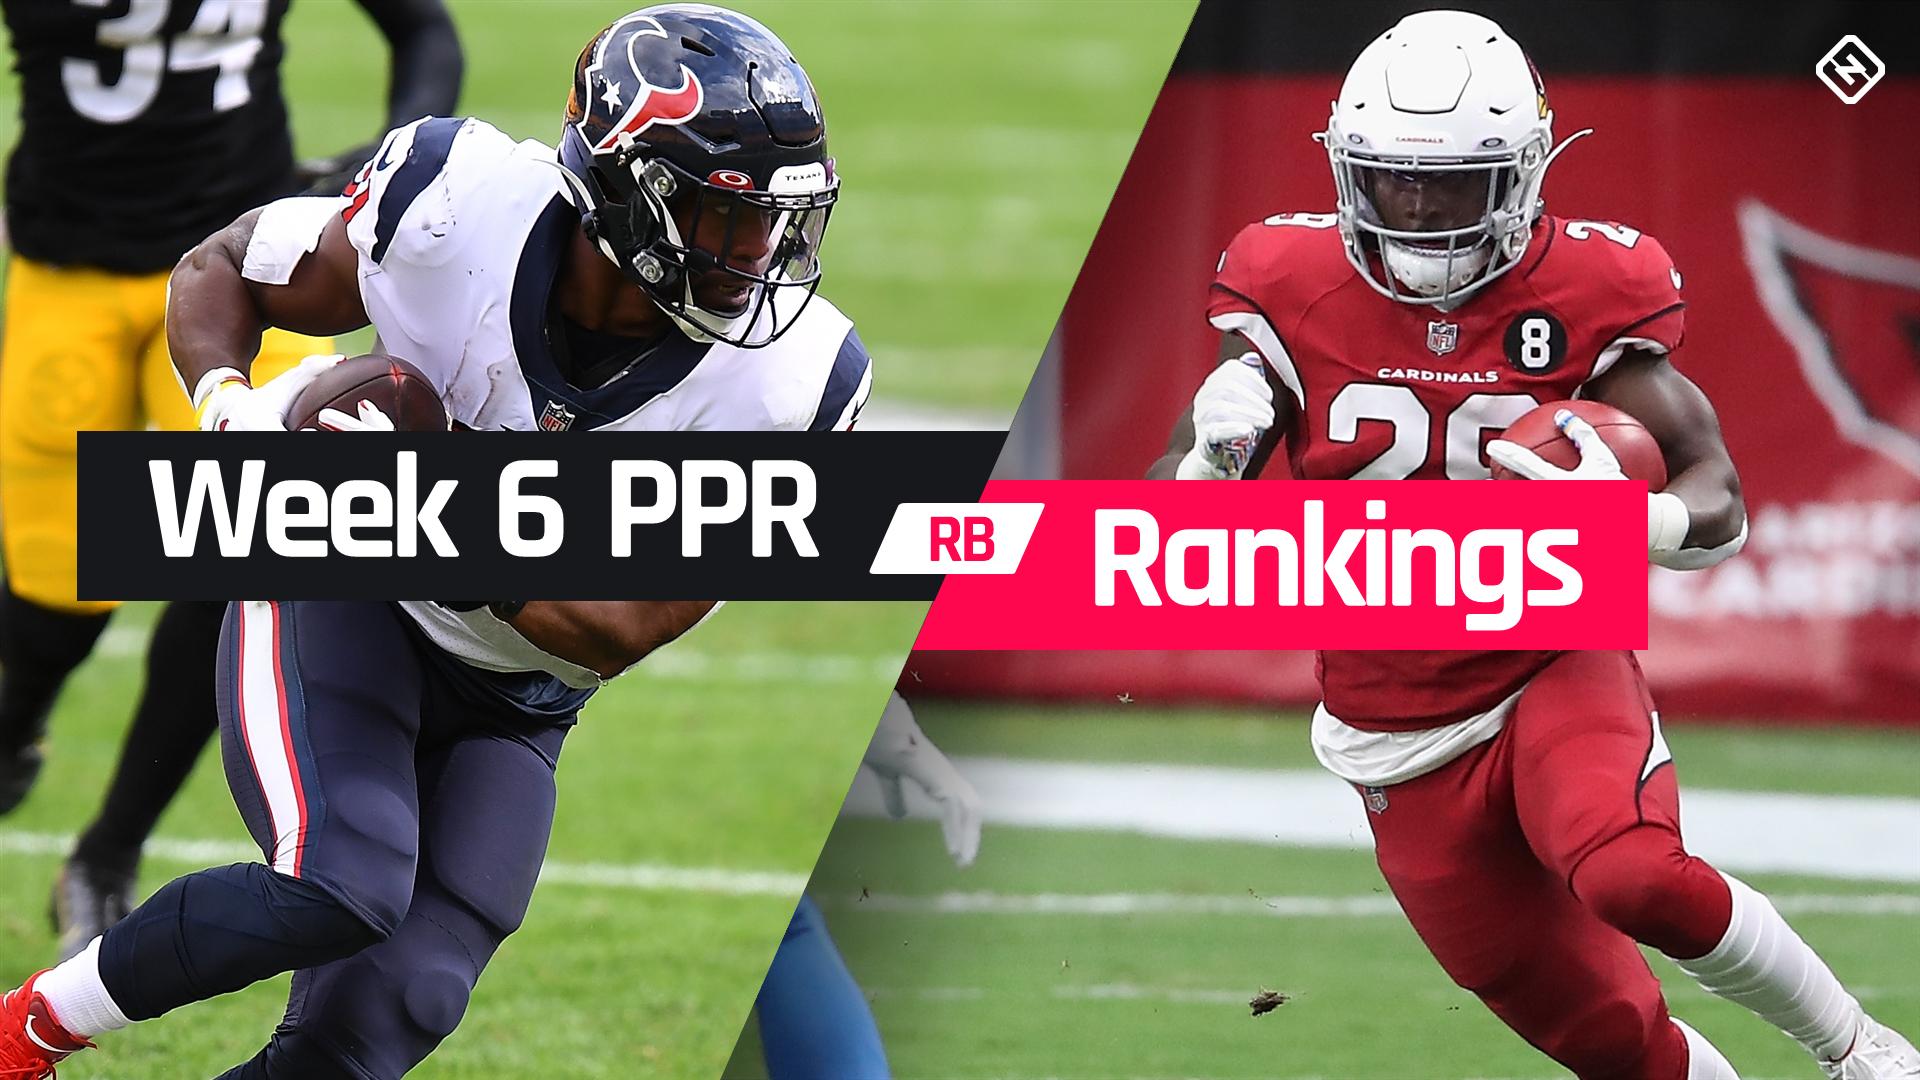 Week 6 Fantasy Football Running Back PPR Rankings